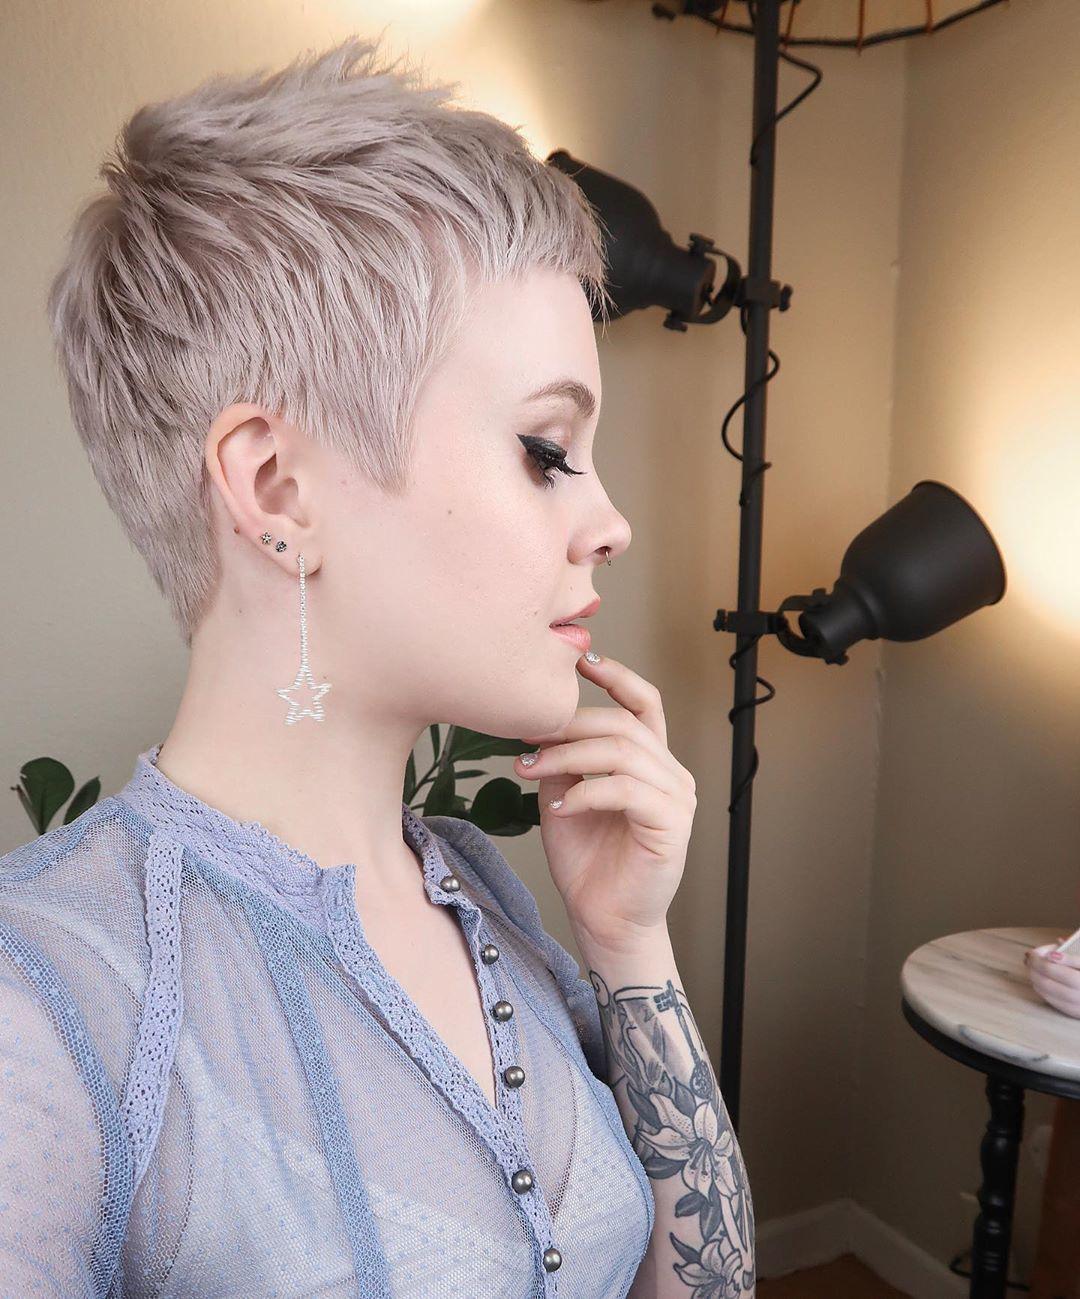 Femme aux cheveux blonds cendrés, coupe de lutin